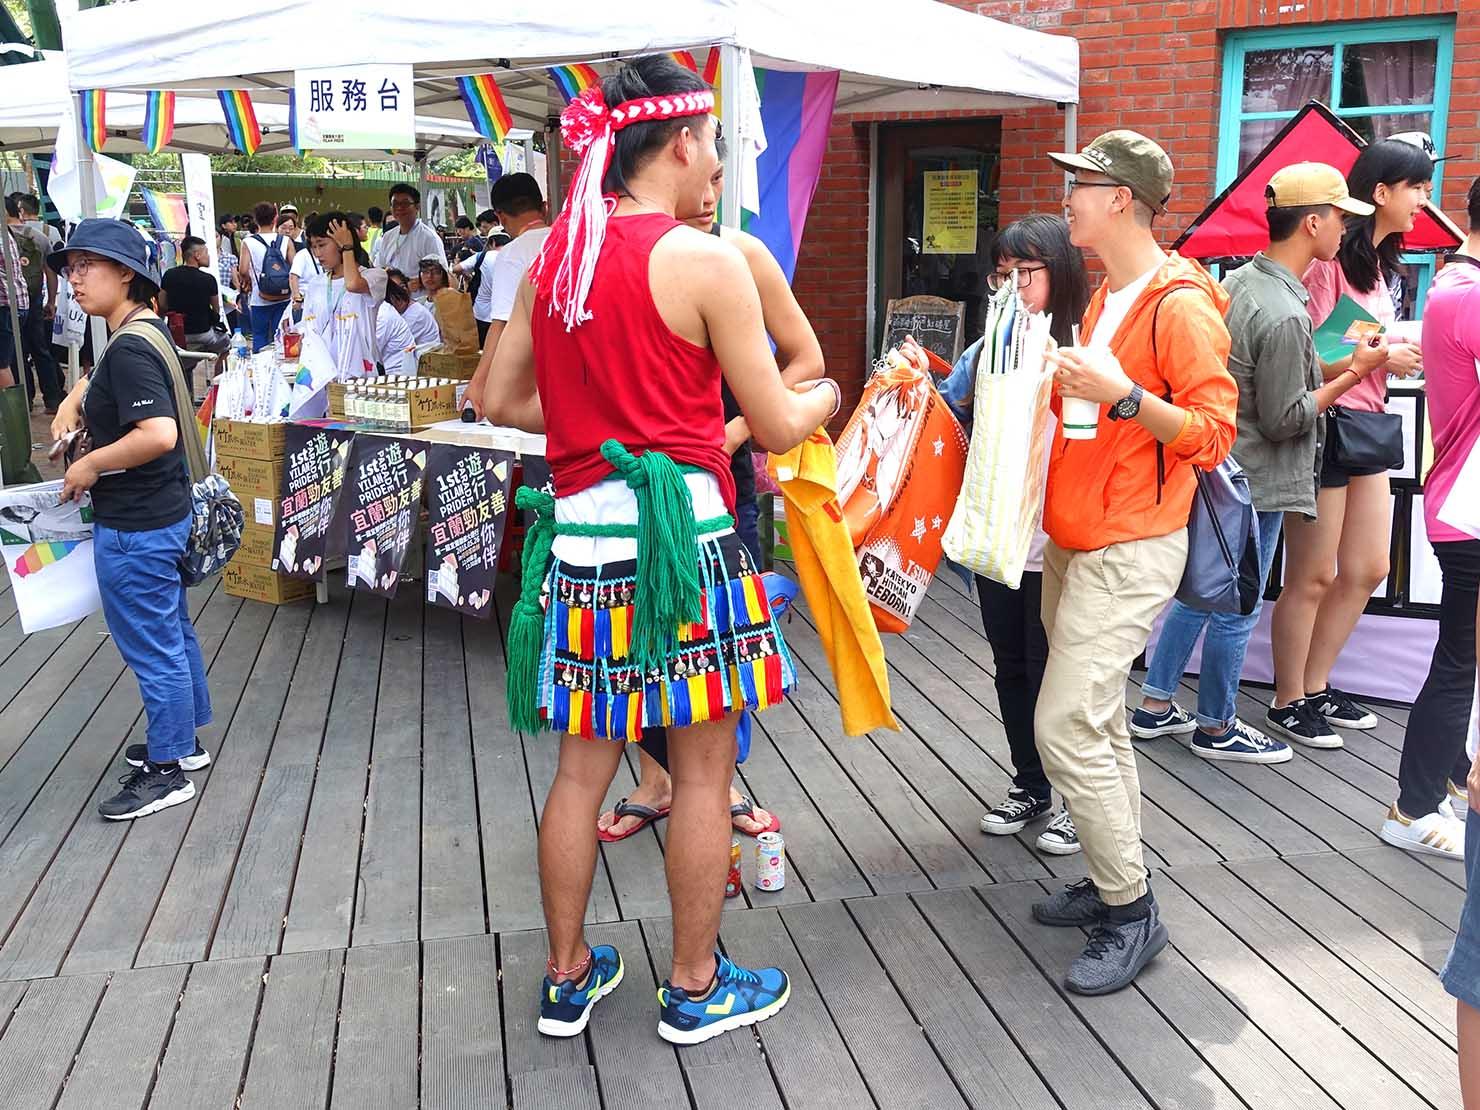 2018年台湾のLGBTプライド「宜蘭驕傲大遊行(宜蘭プライド)」に参加する原住民族の青年